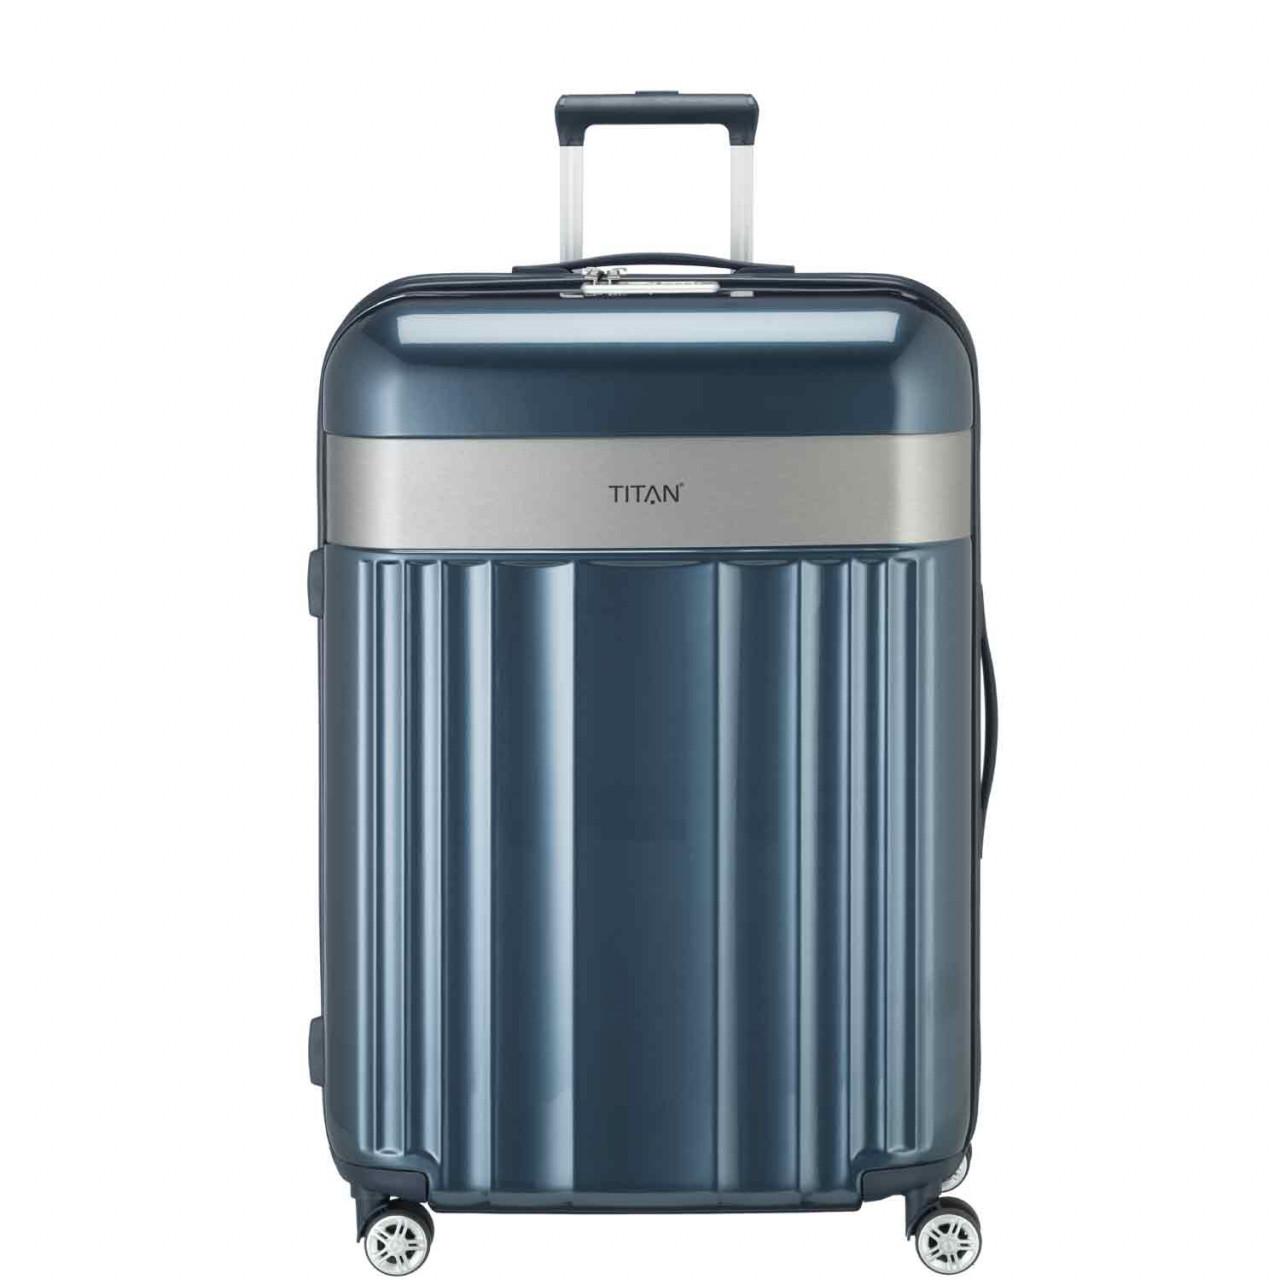 Titan ~Trolley 67cm 4 Rollen SPOTLIGHT FLASH blau